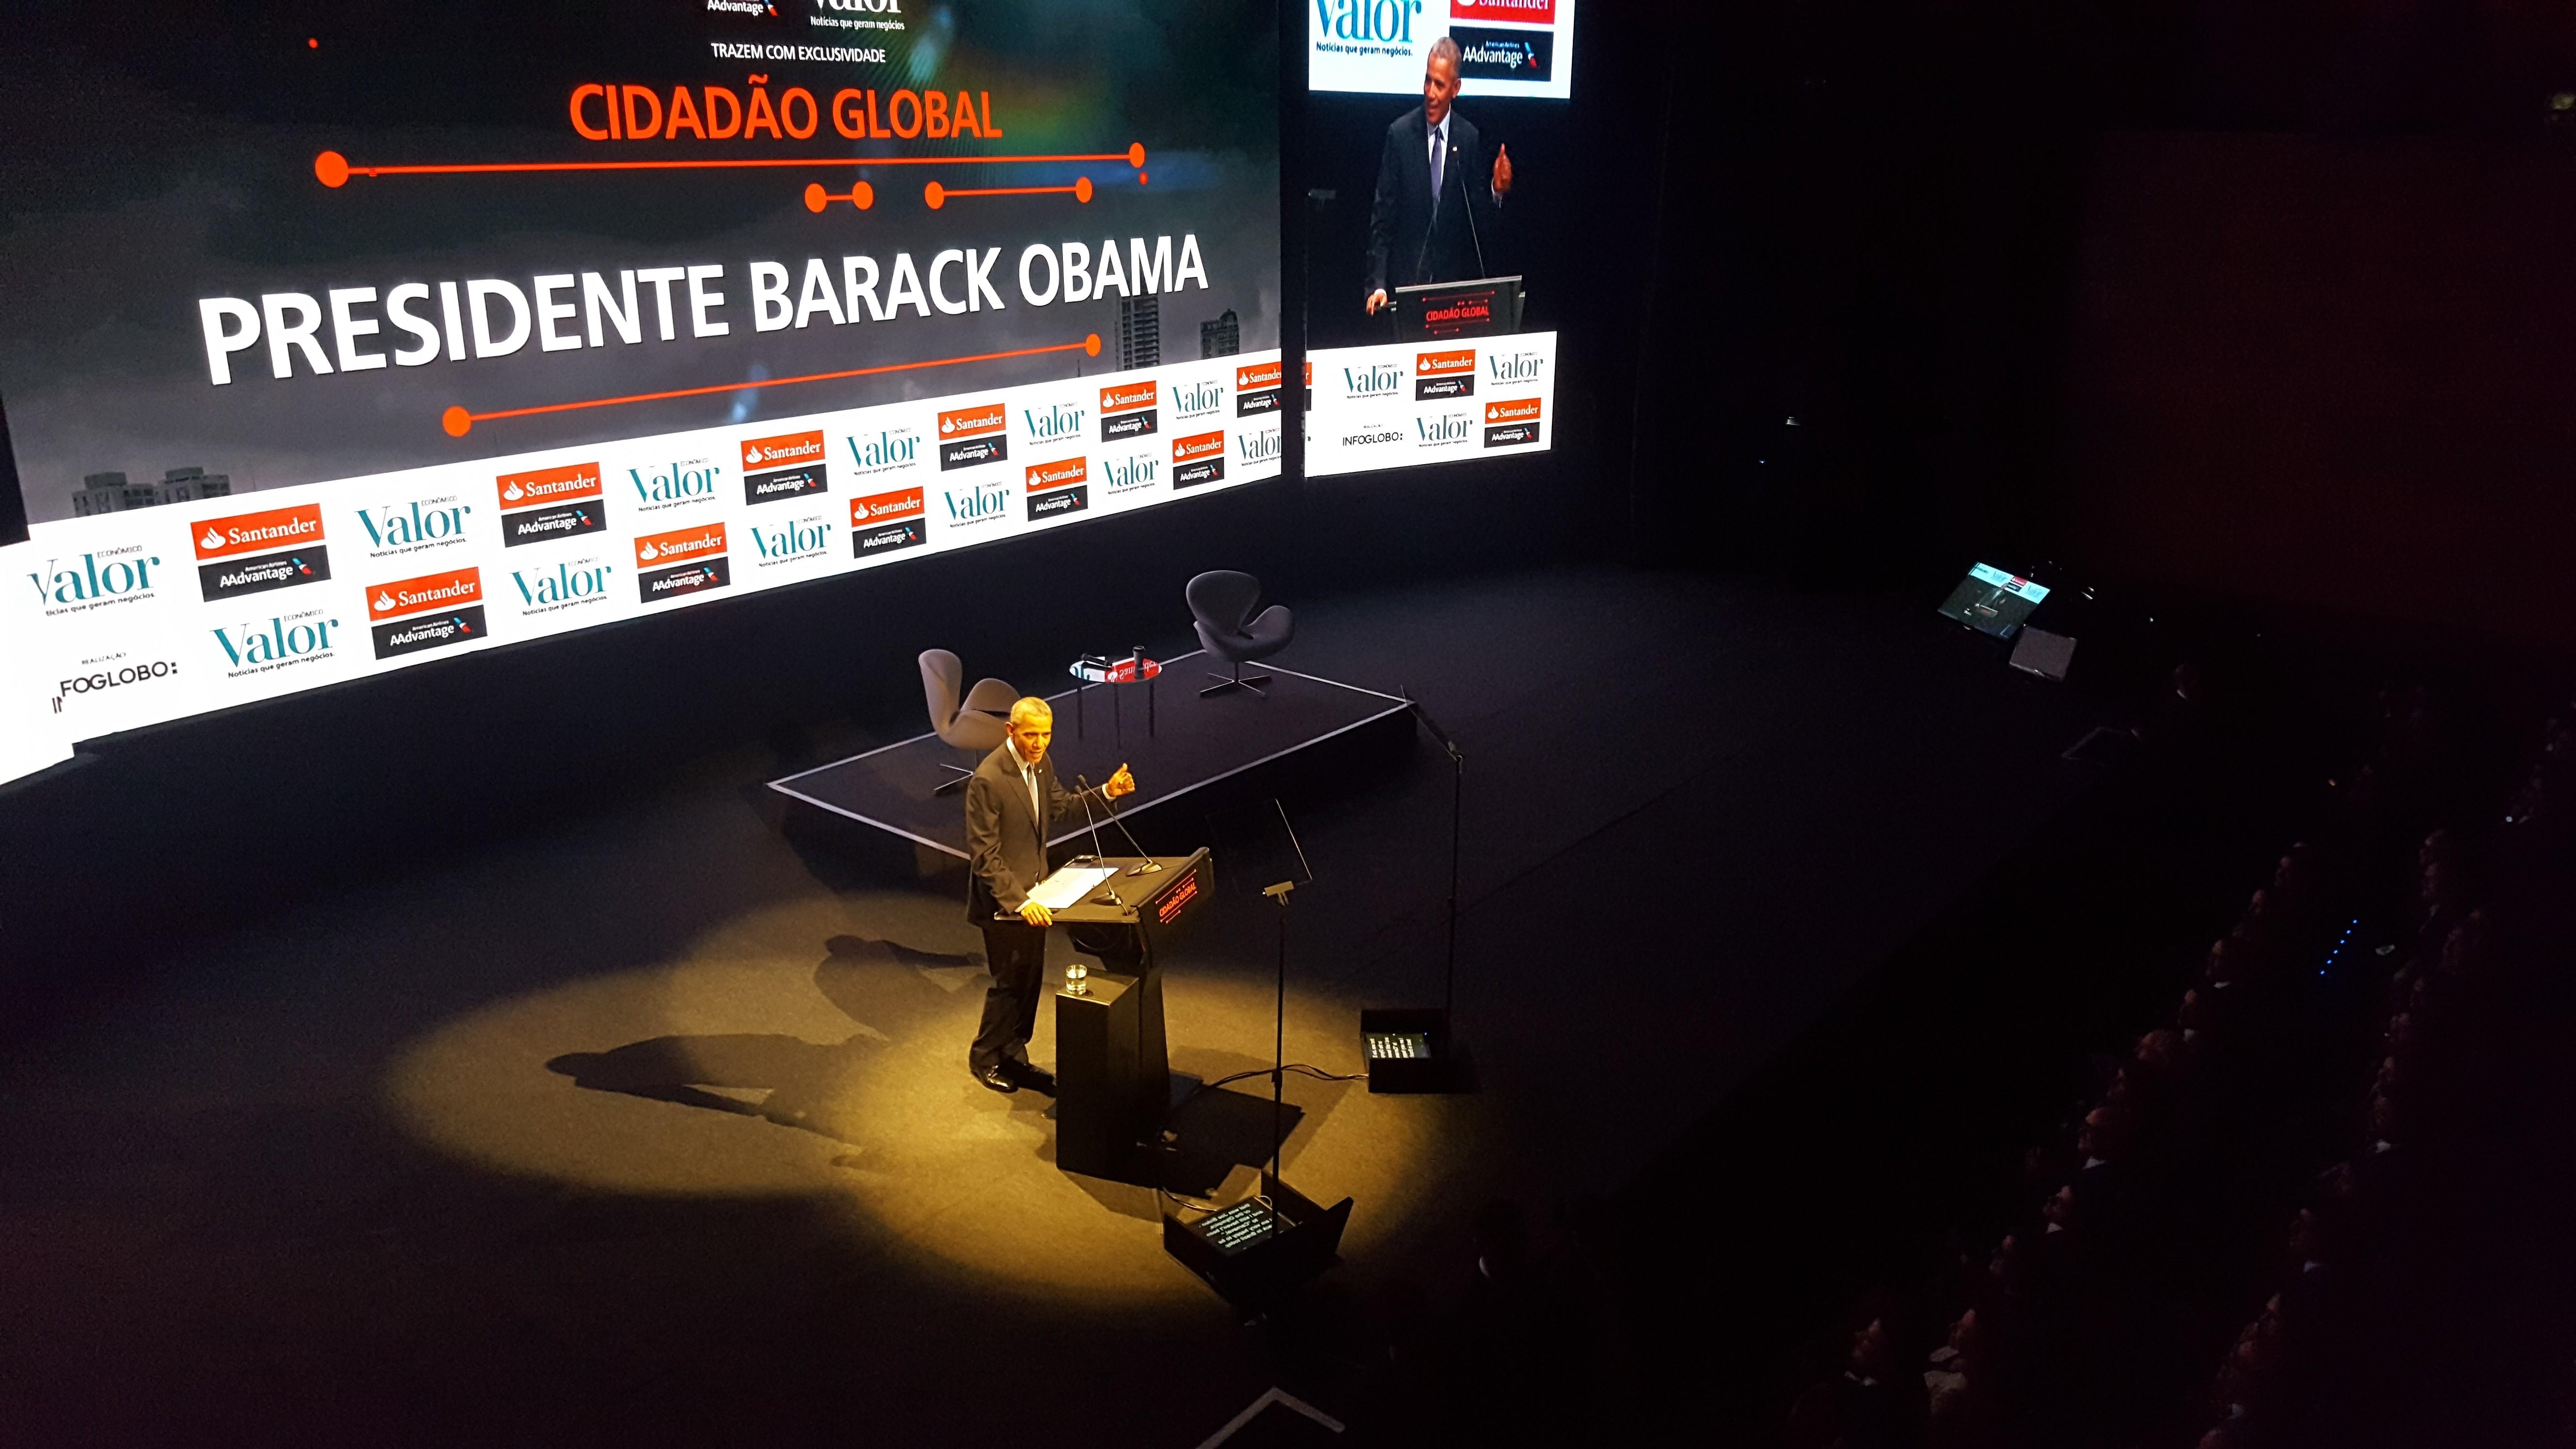 Barack Obama em discurso no Brasil (Foto: Dubes Sônego)